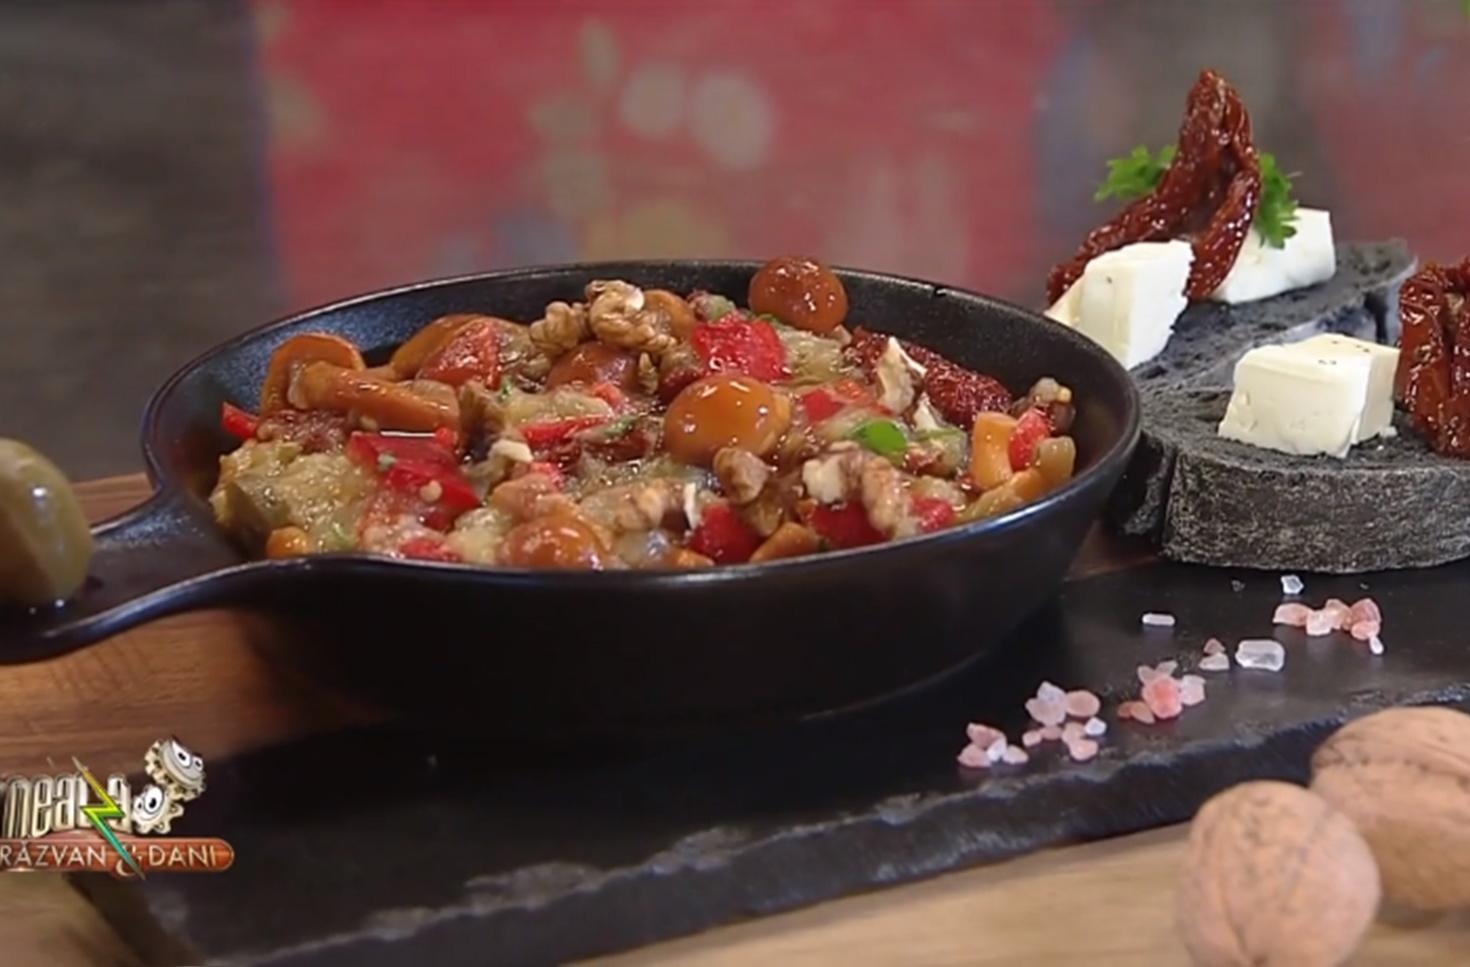 Salată de vinete cu parfum de toamnă - rețeta lui Vlăduț de la Neatza cu Răzvan şi Dani